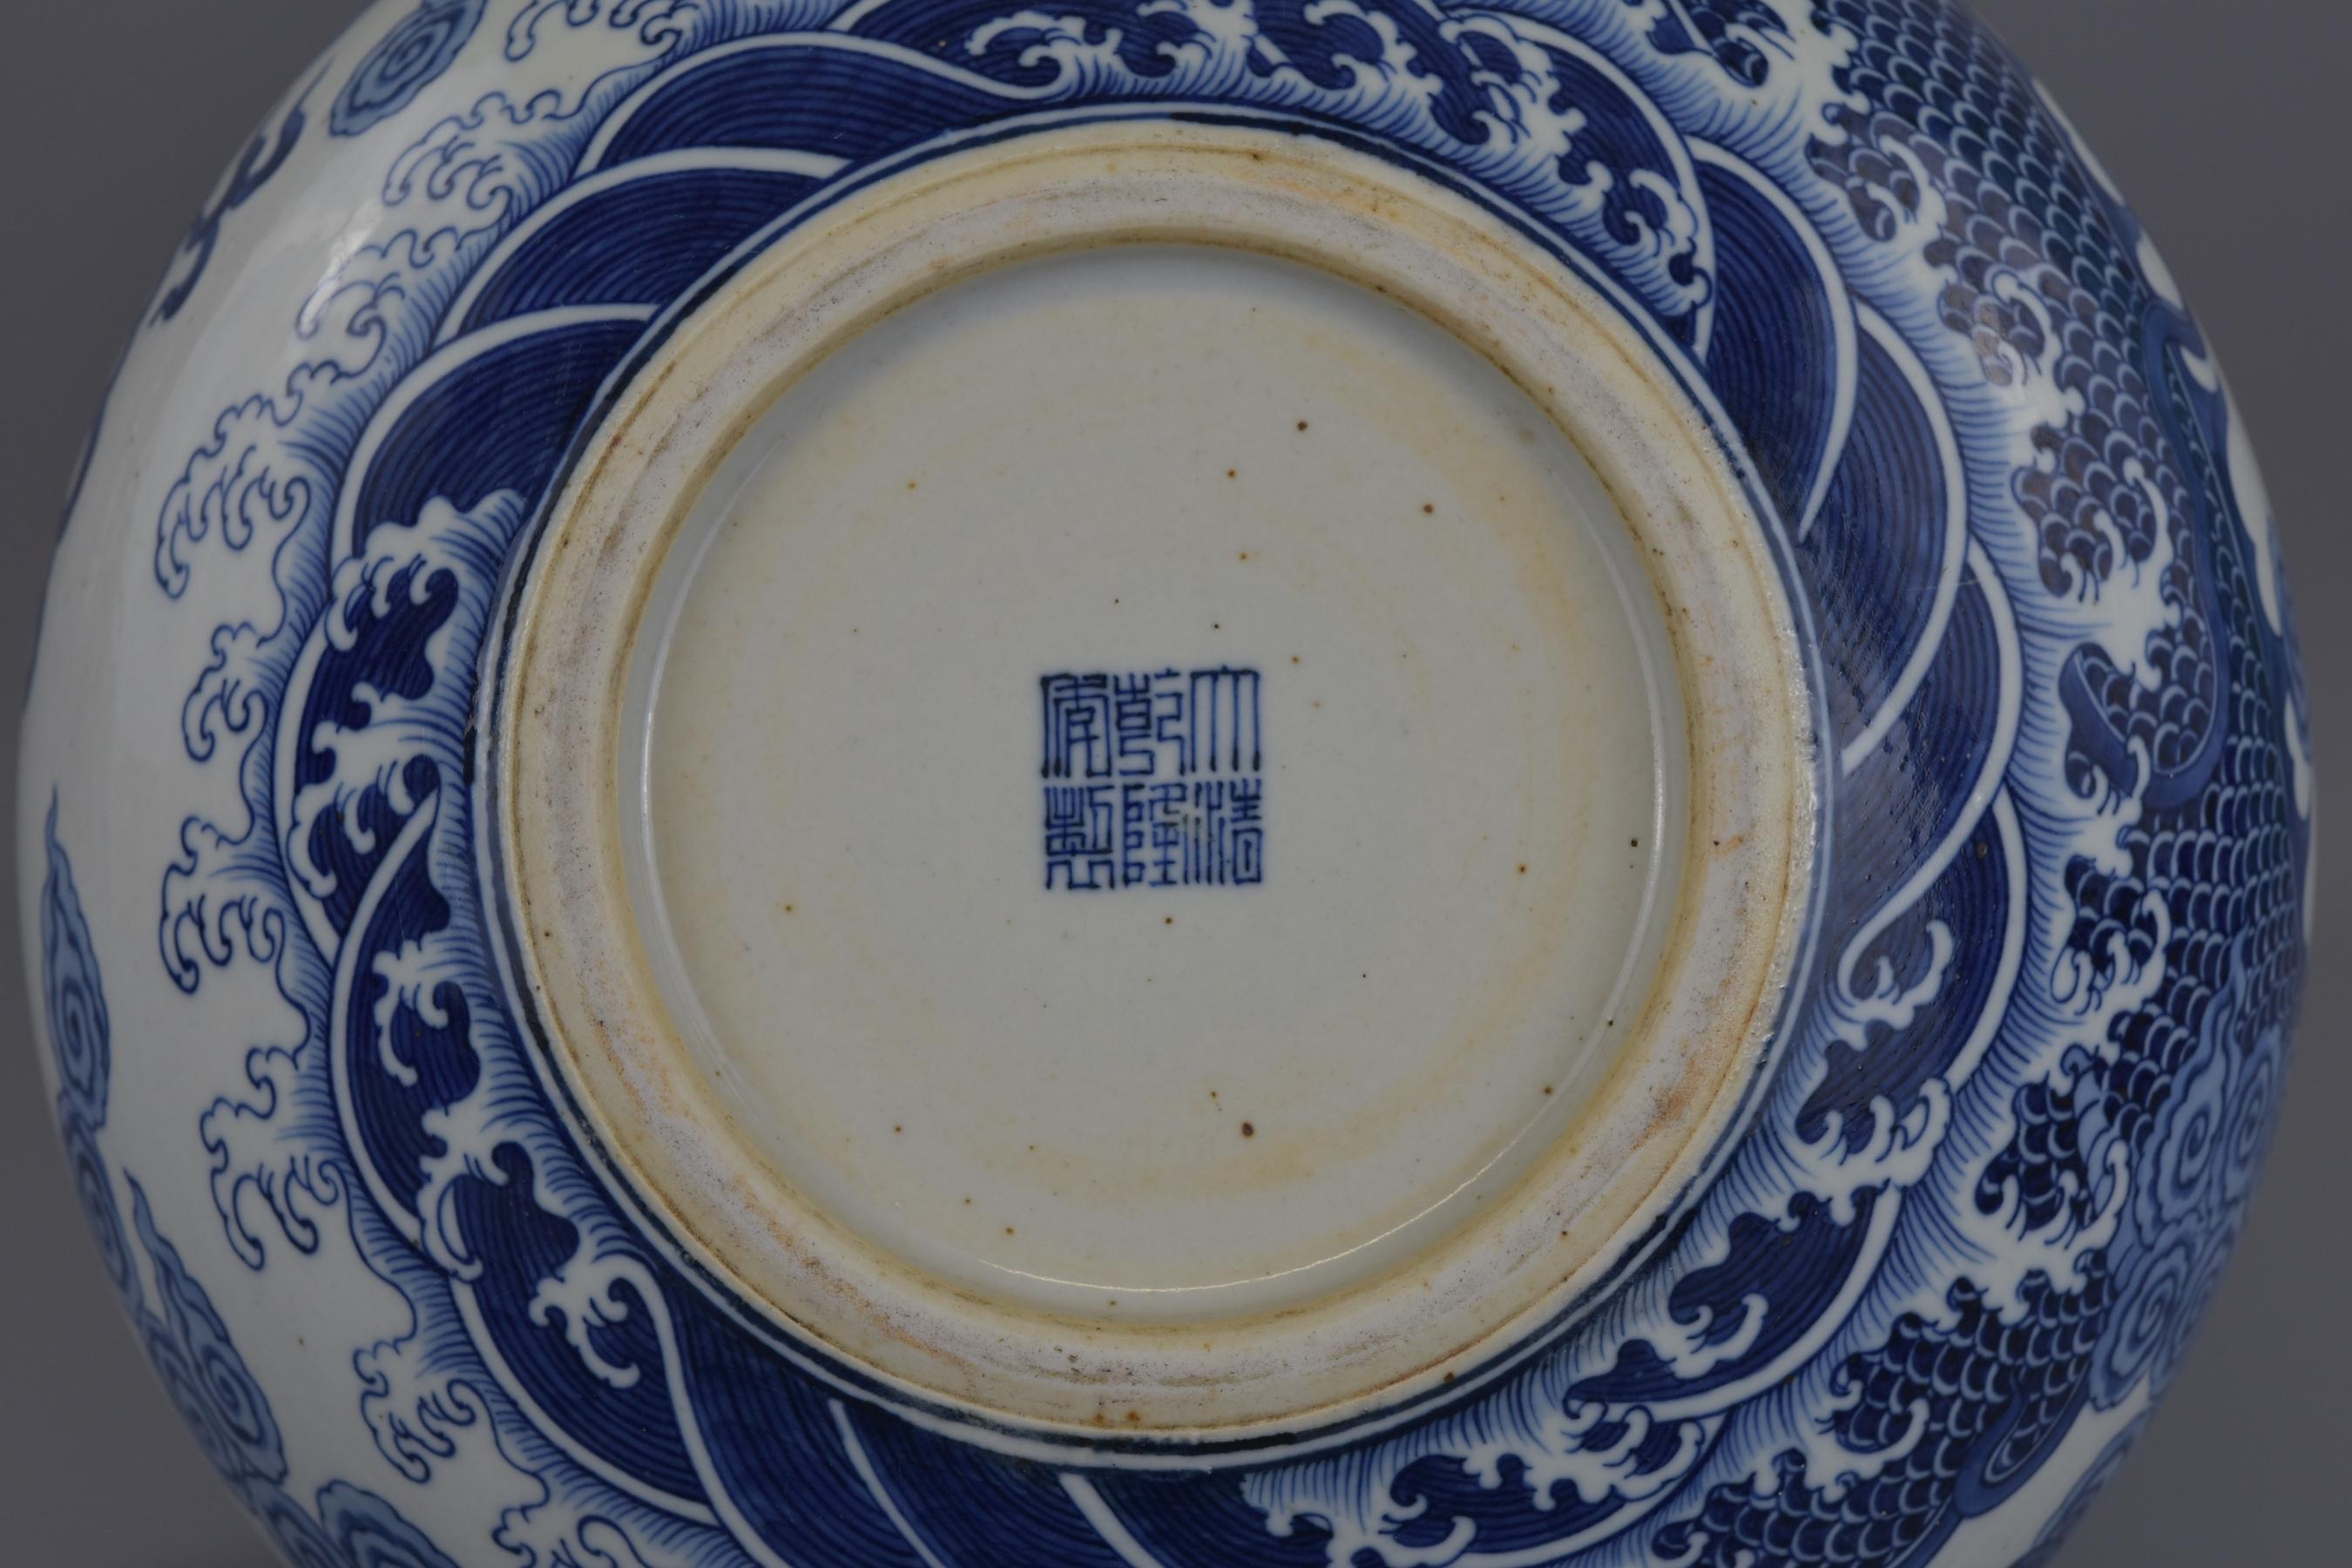 Lot 88 - A CHINESE 18TH C. QIANLONG 'TIANQIUPING'